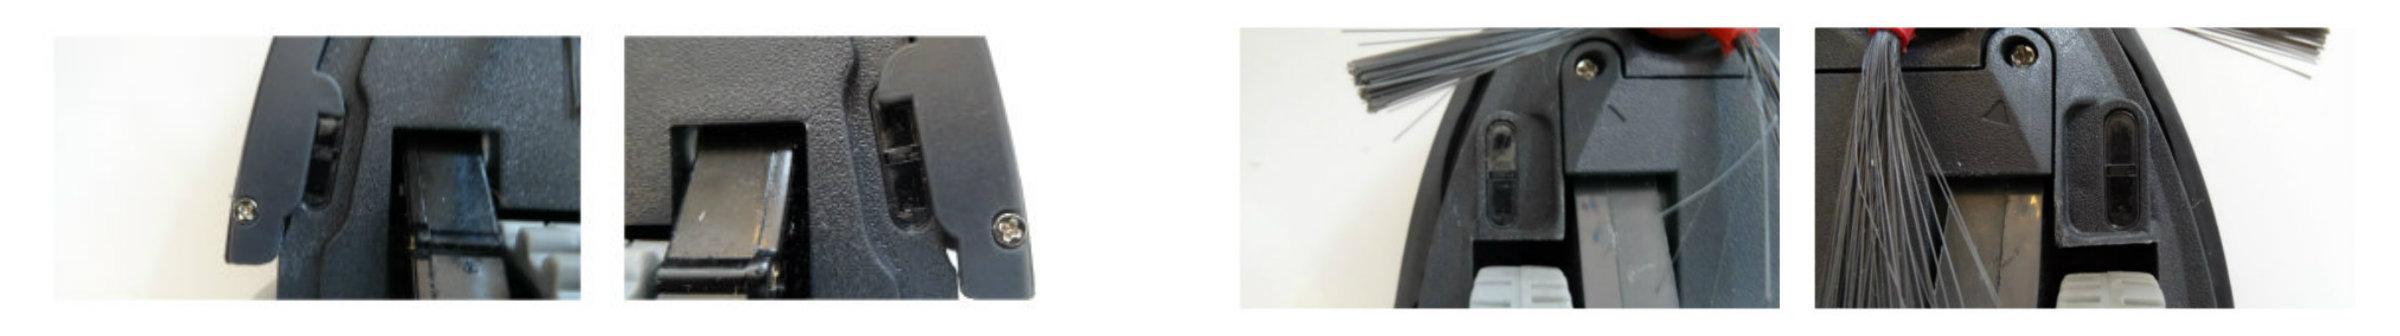 Capteurs de vide - Amibot